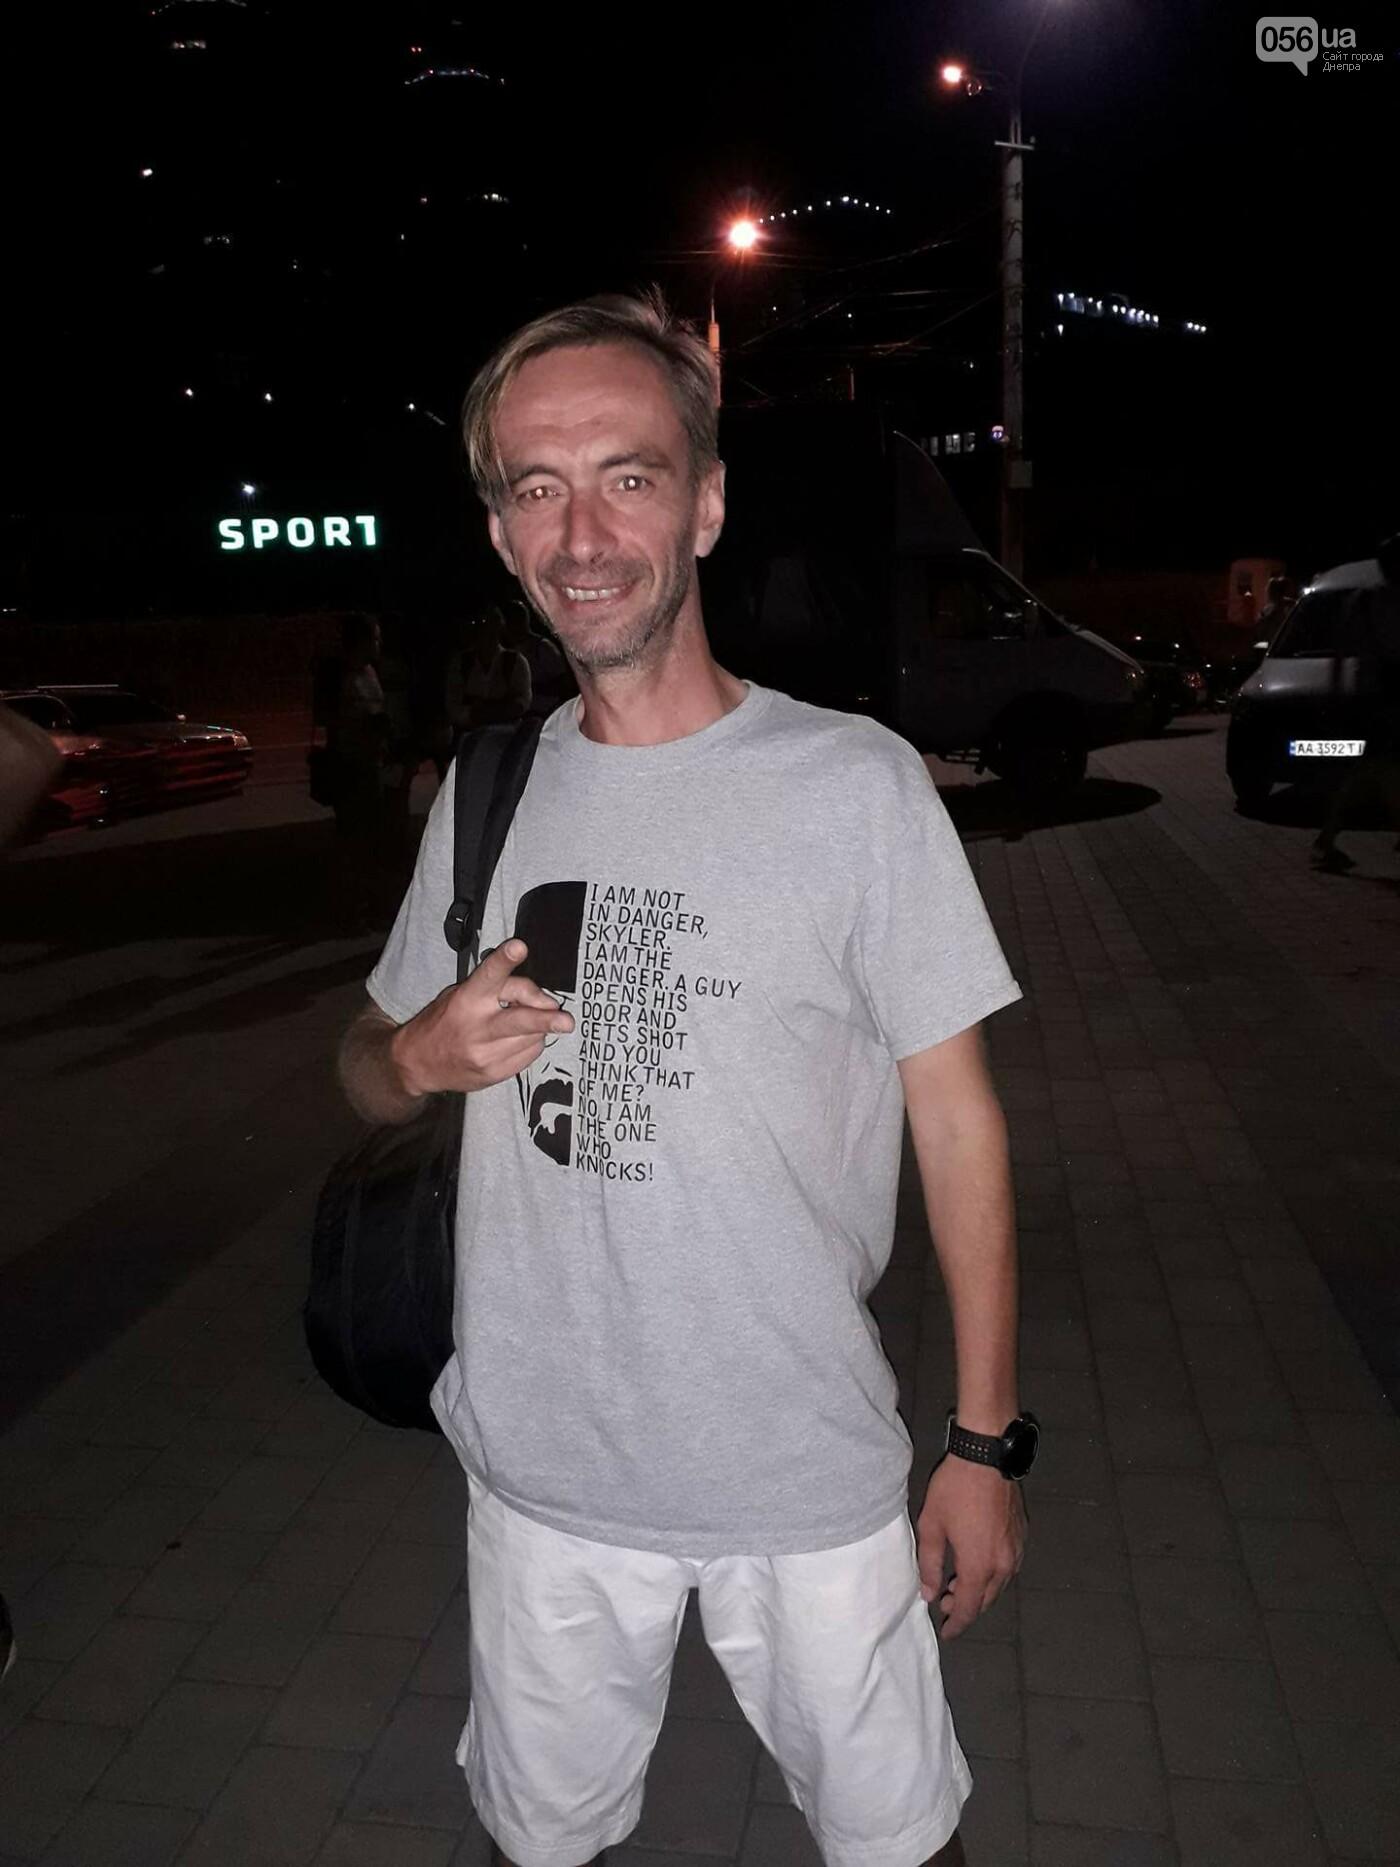 В Днепре прошел юбилейный ночной полумарафон по бегу: как это было,  - ФОТО, фото-1